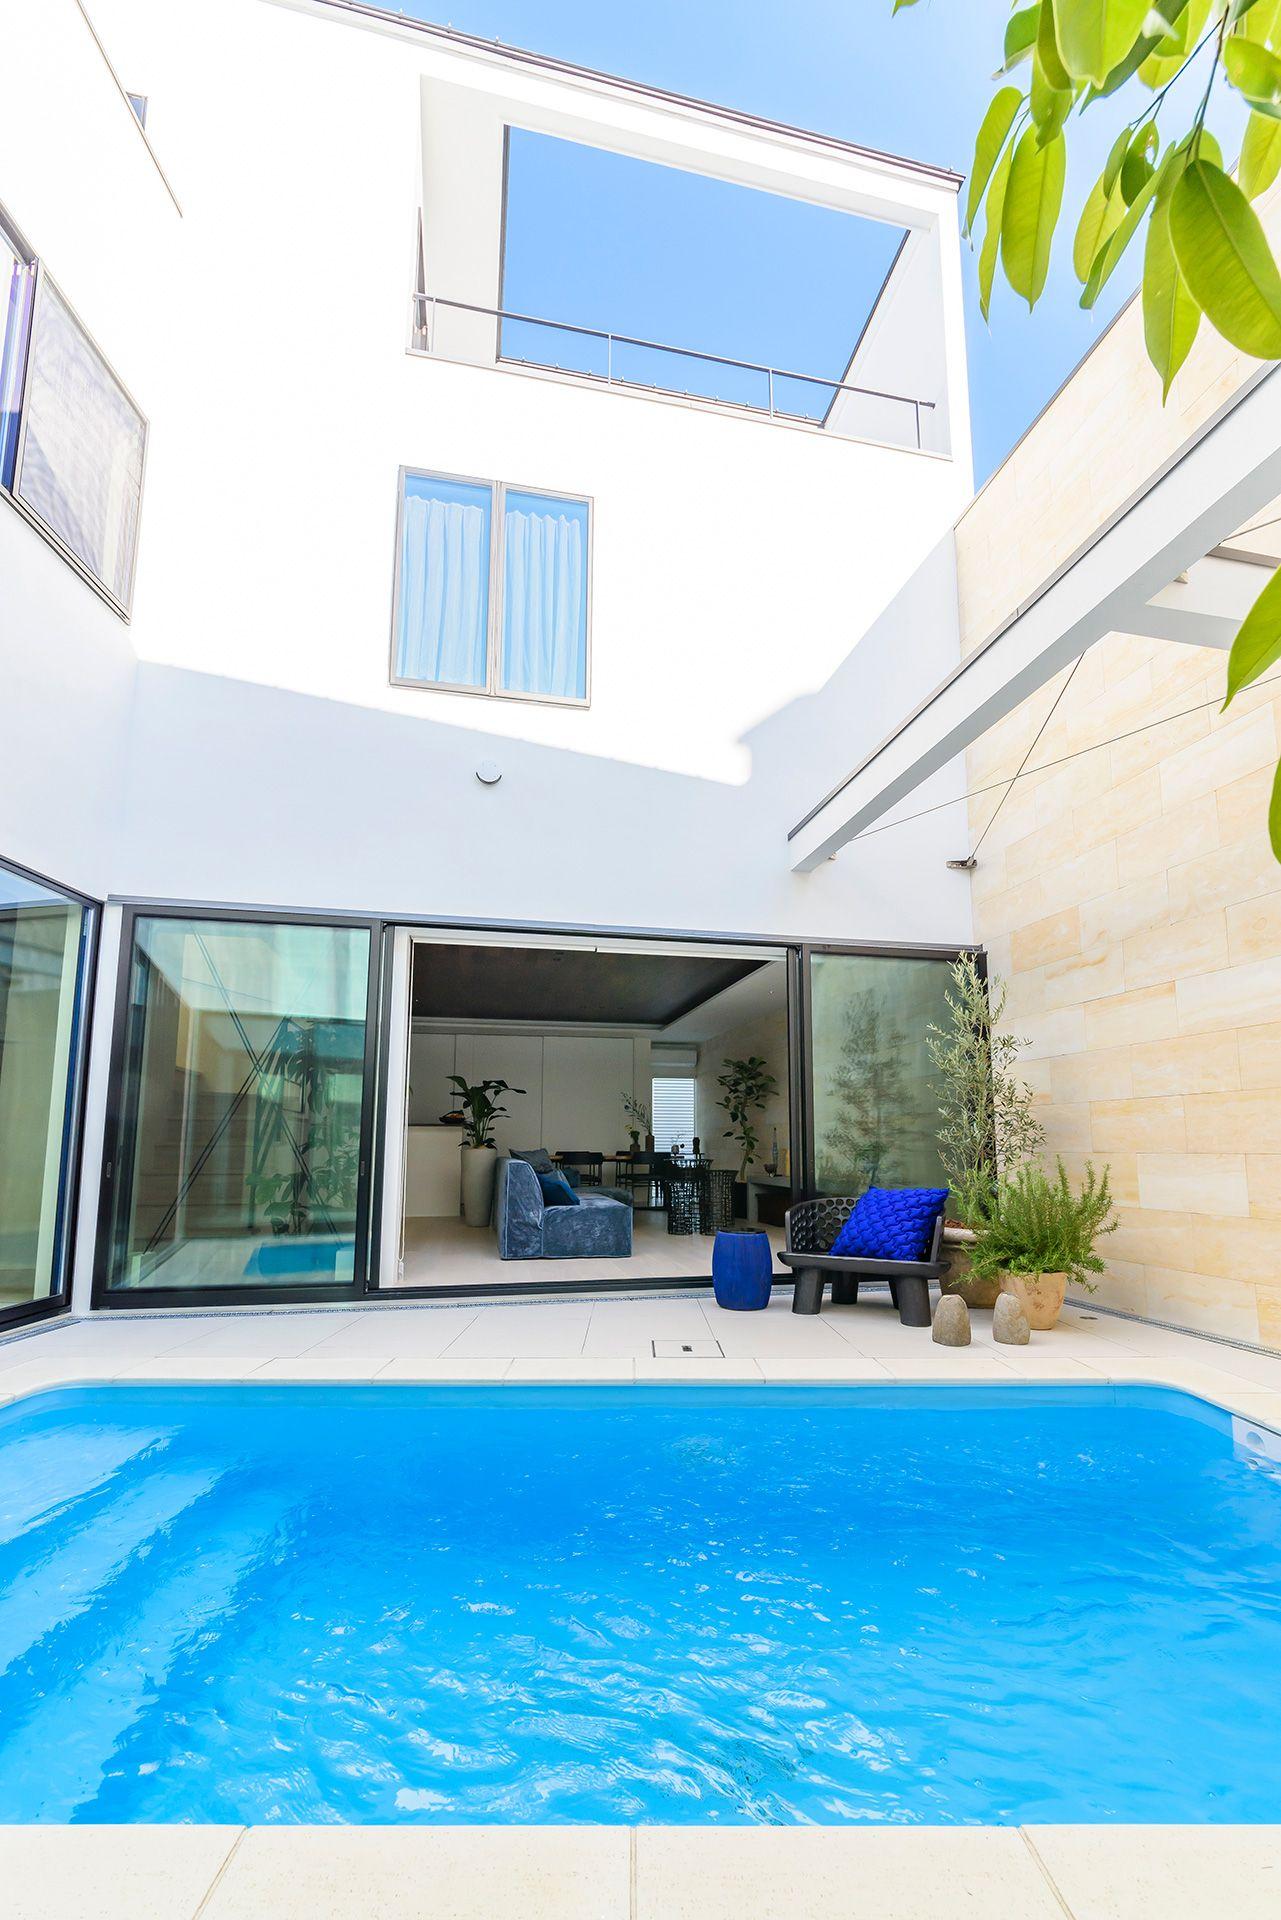 ボード プールサイドの家 新築 のピン